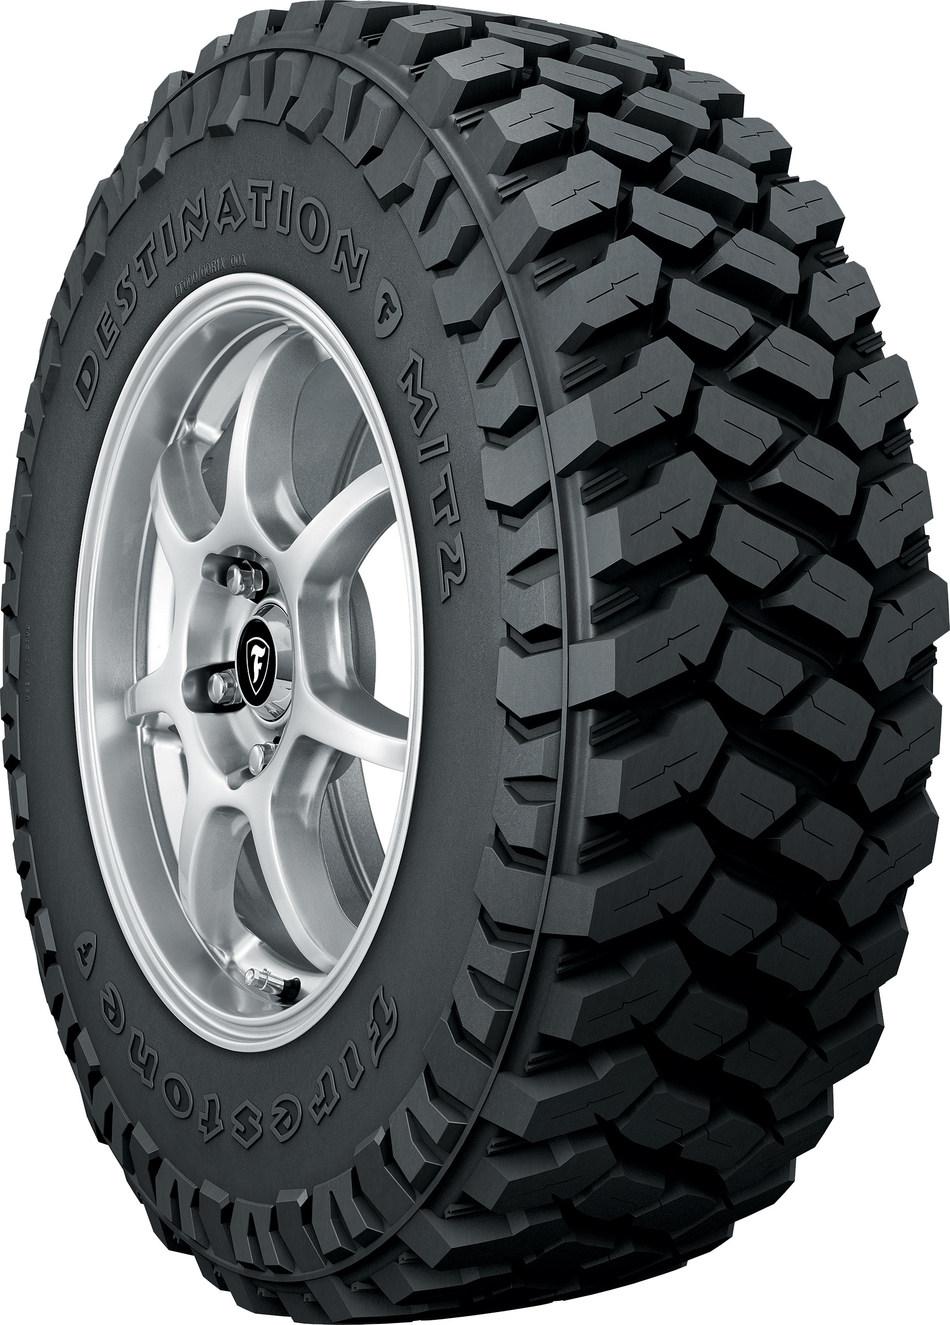 FT492 - Long Haul Truck Tire - Firestone Commercial  Bridgestone Firestone Truck Tires